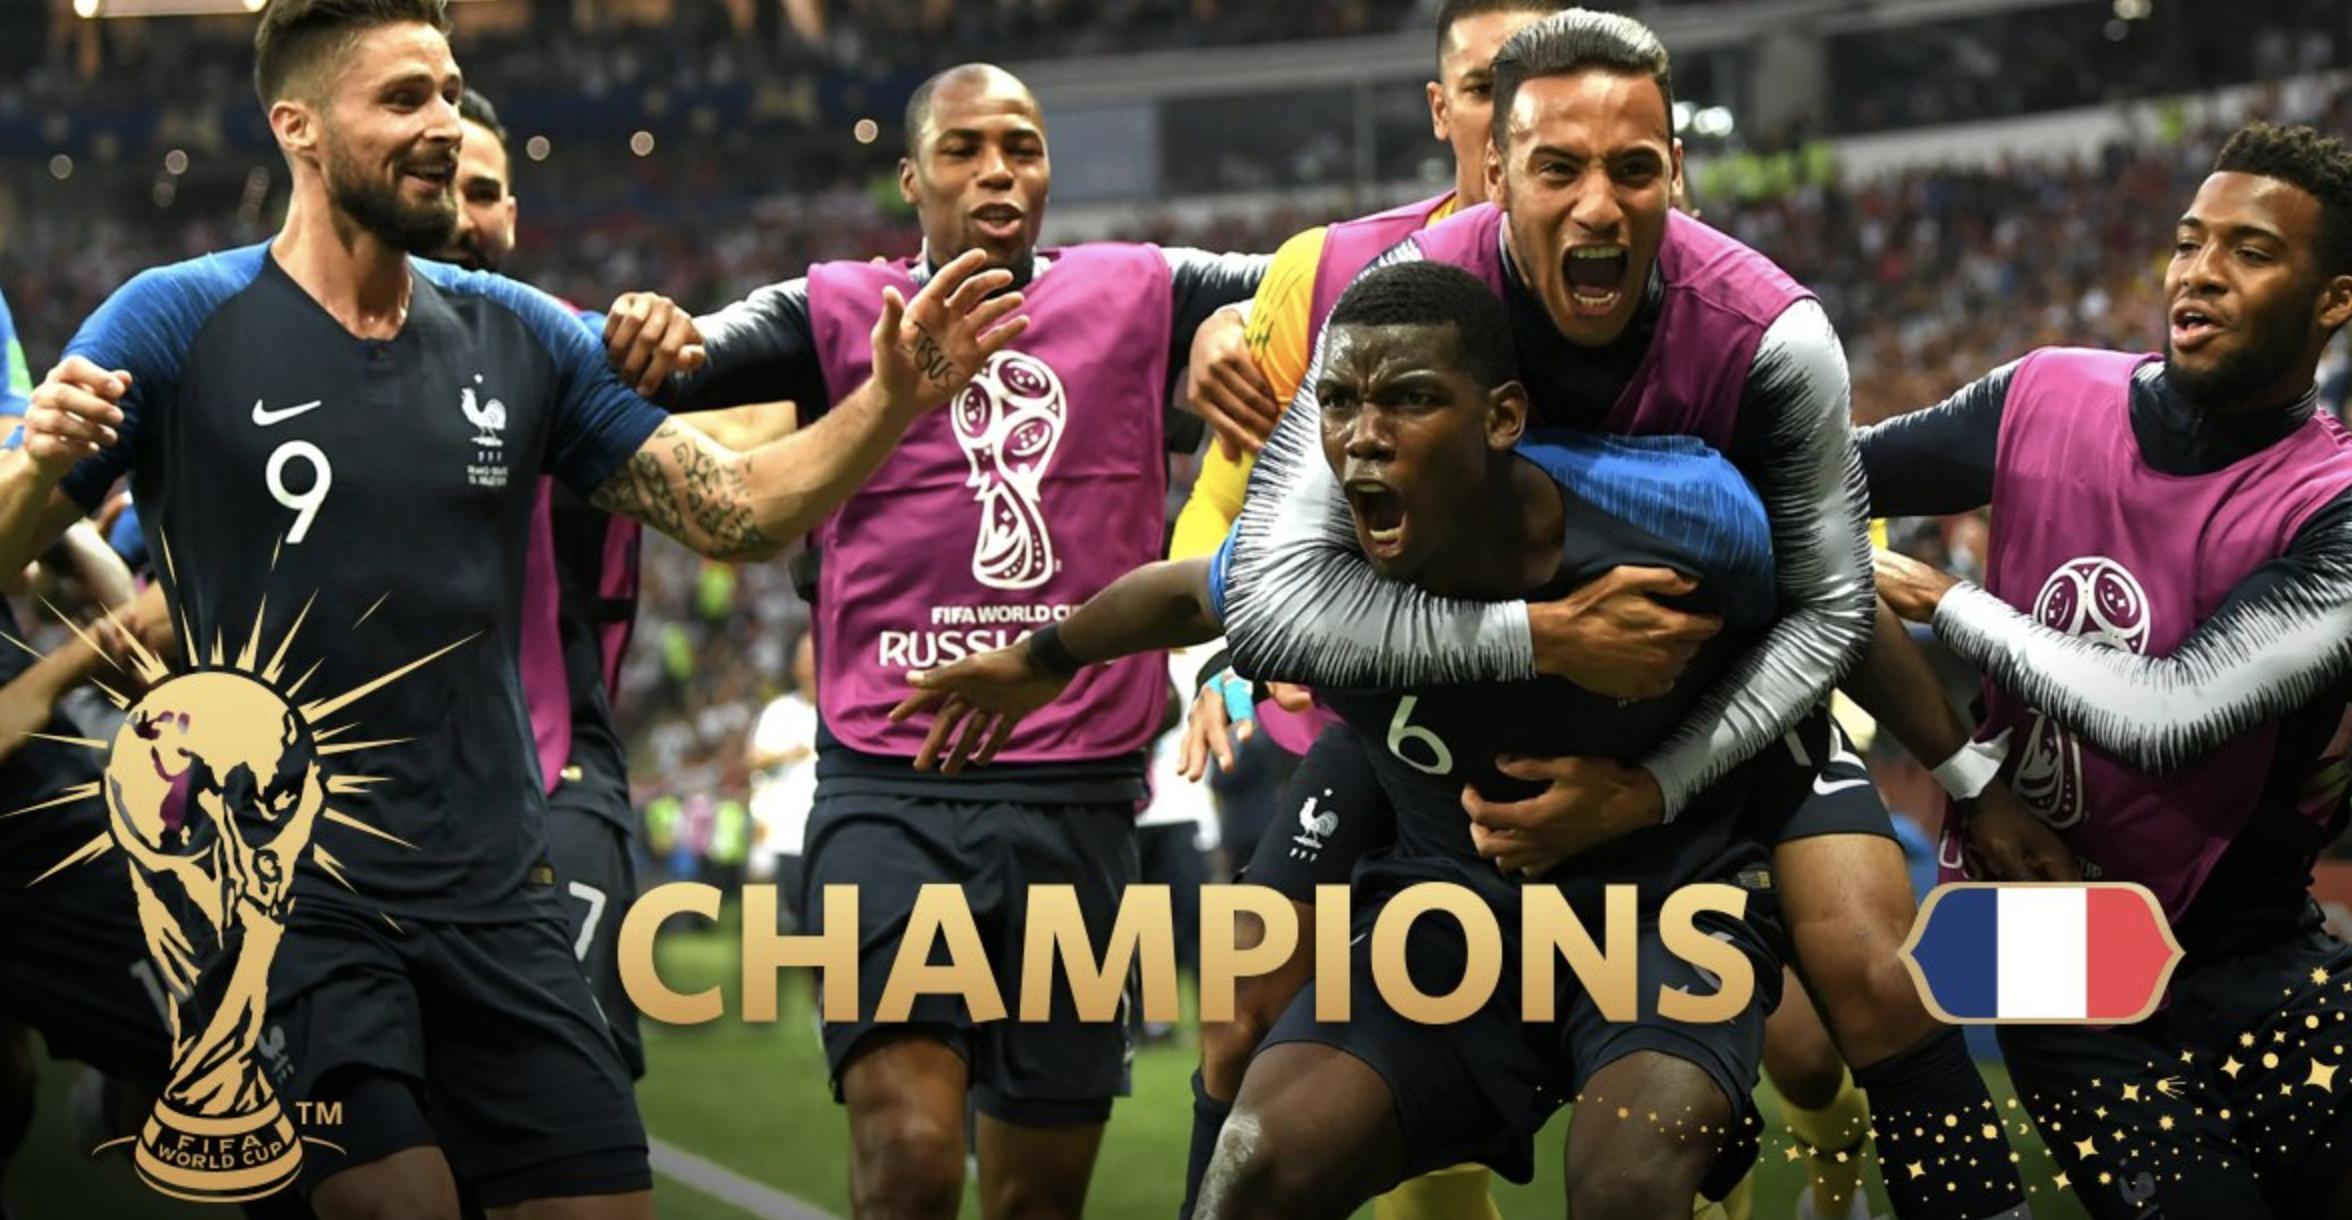 WM 2018: Nike, Puma, Adidas – der erste WM Verlierer steht